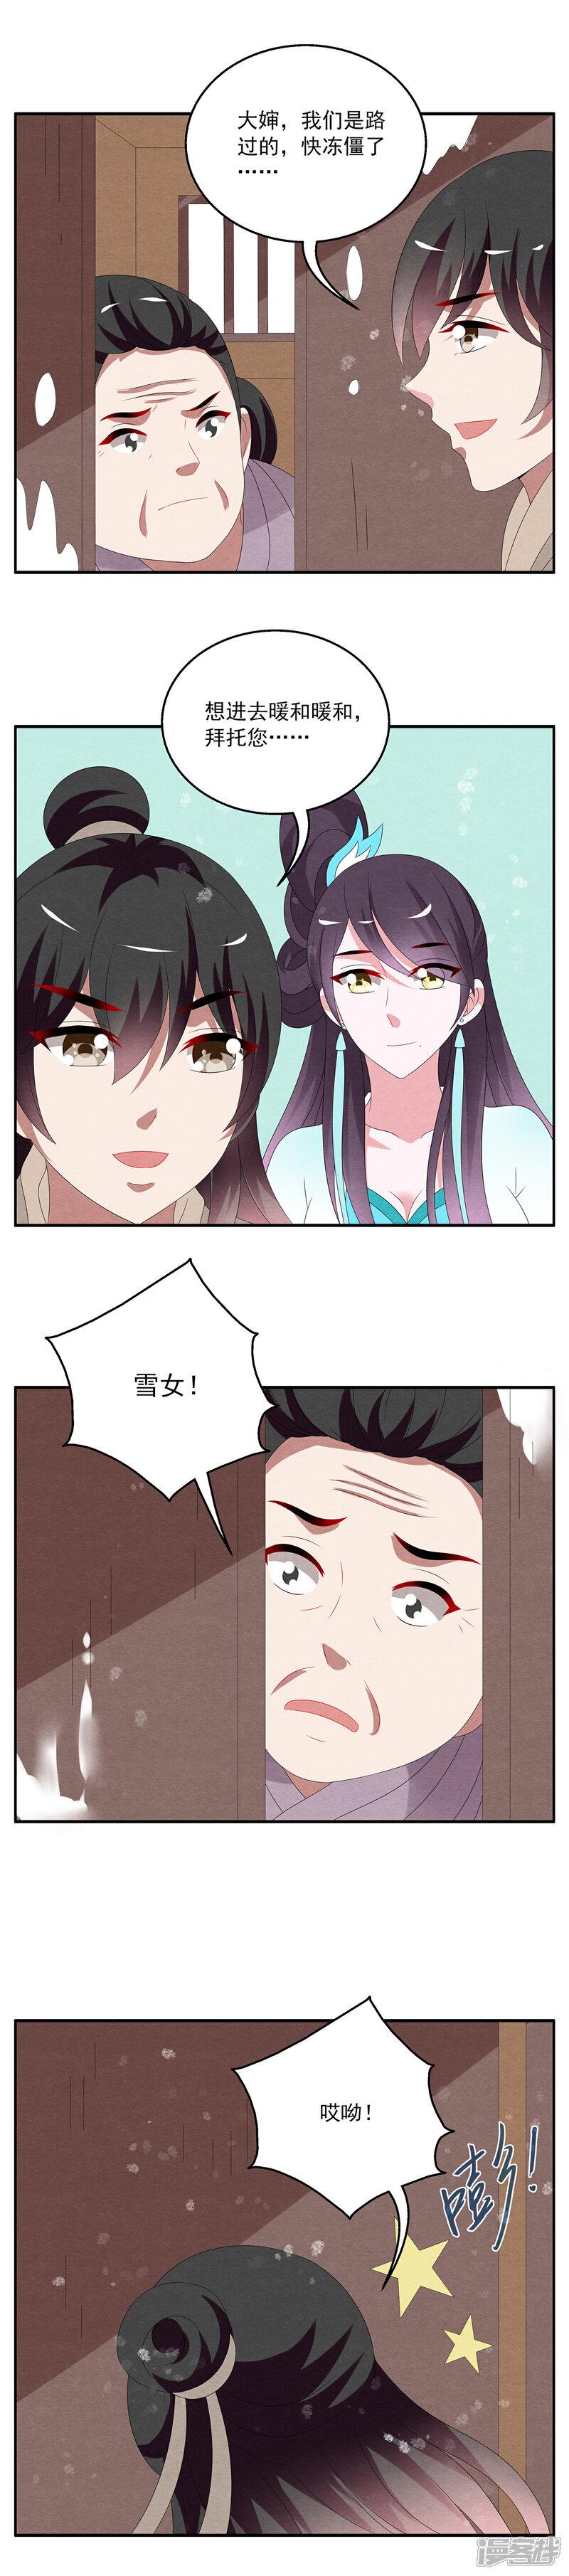 洛小妖88890003.JPG